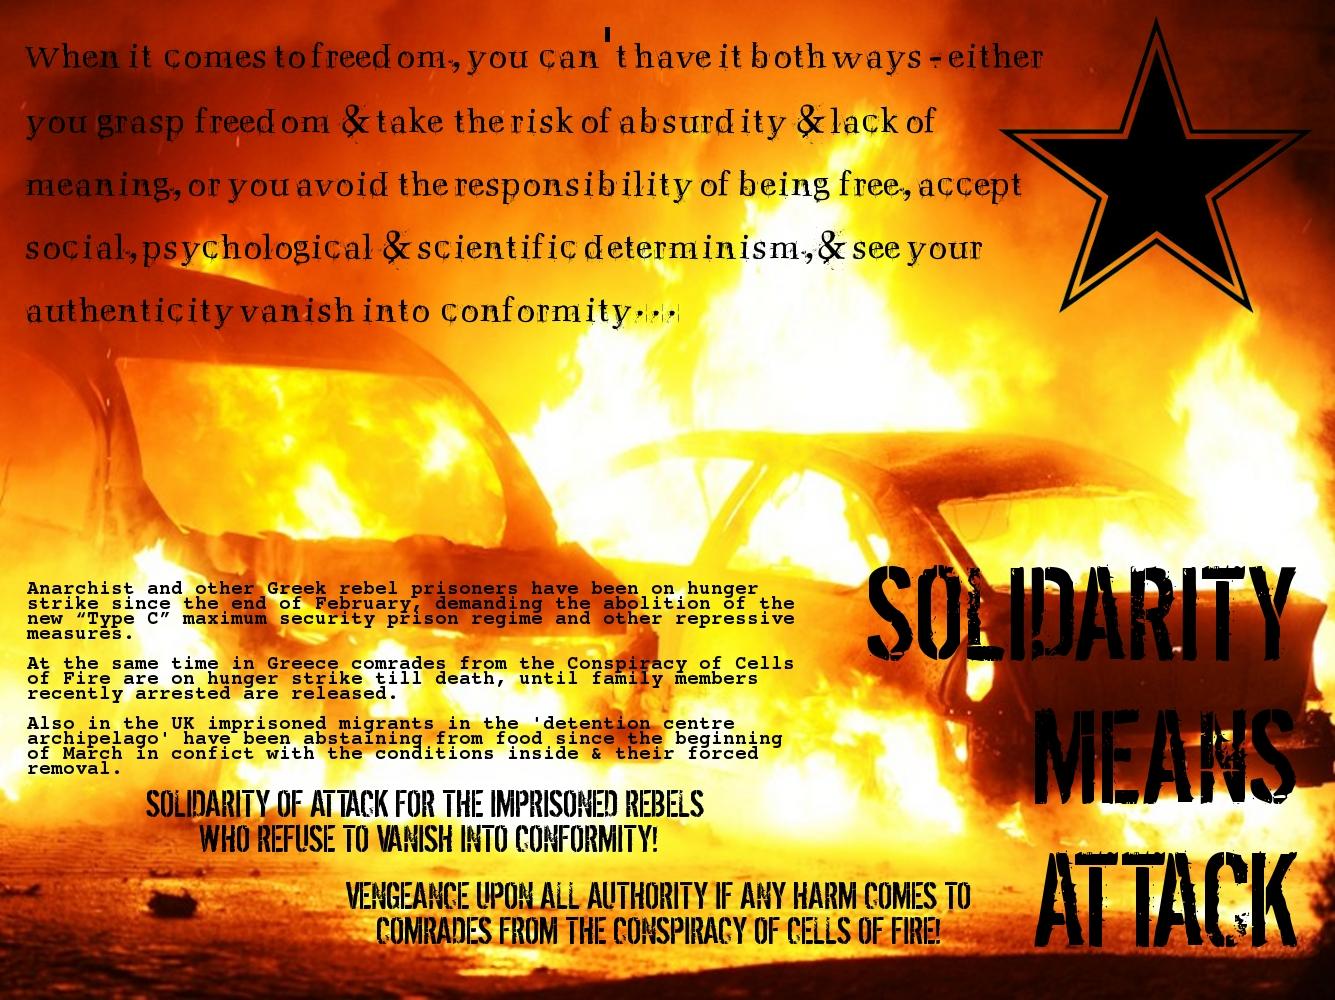 solidarityattack